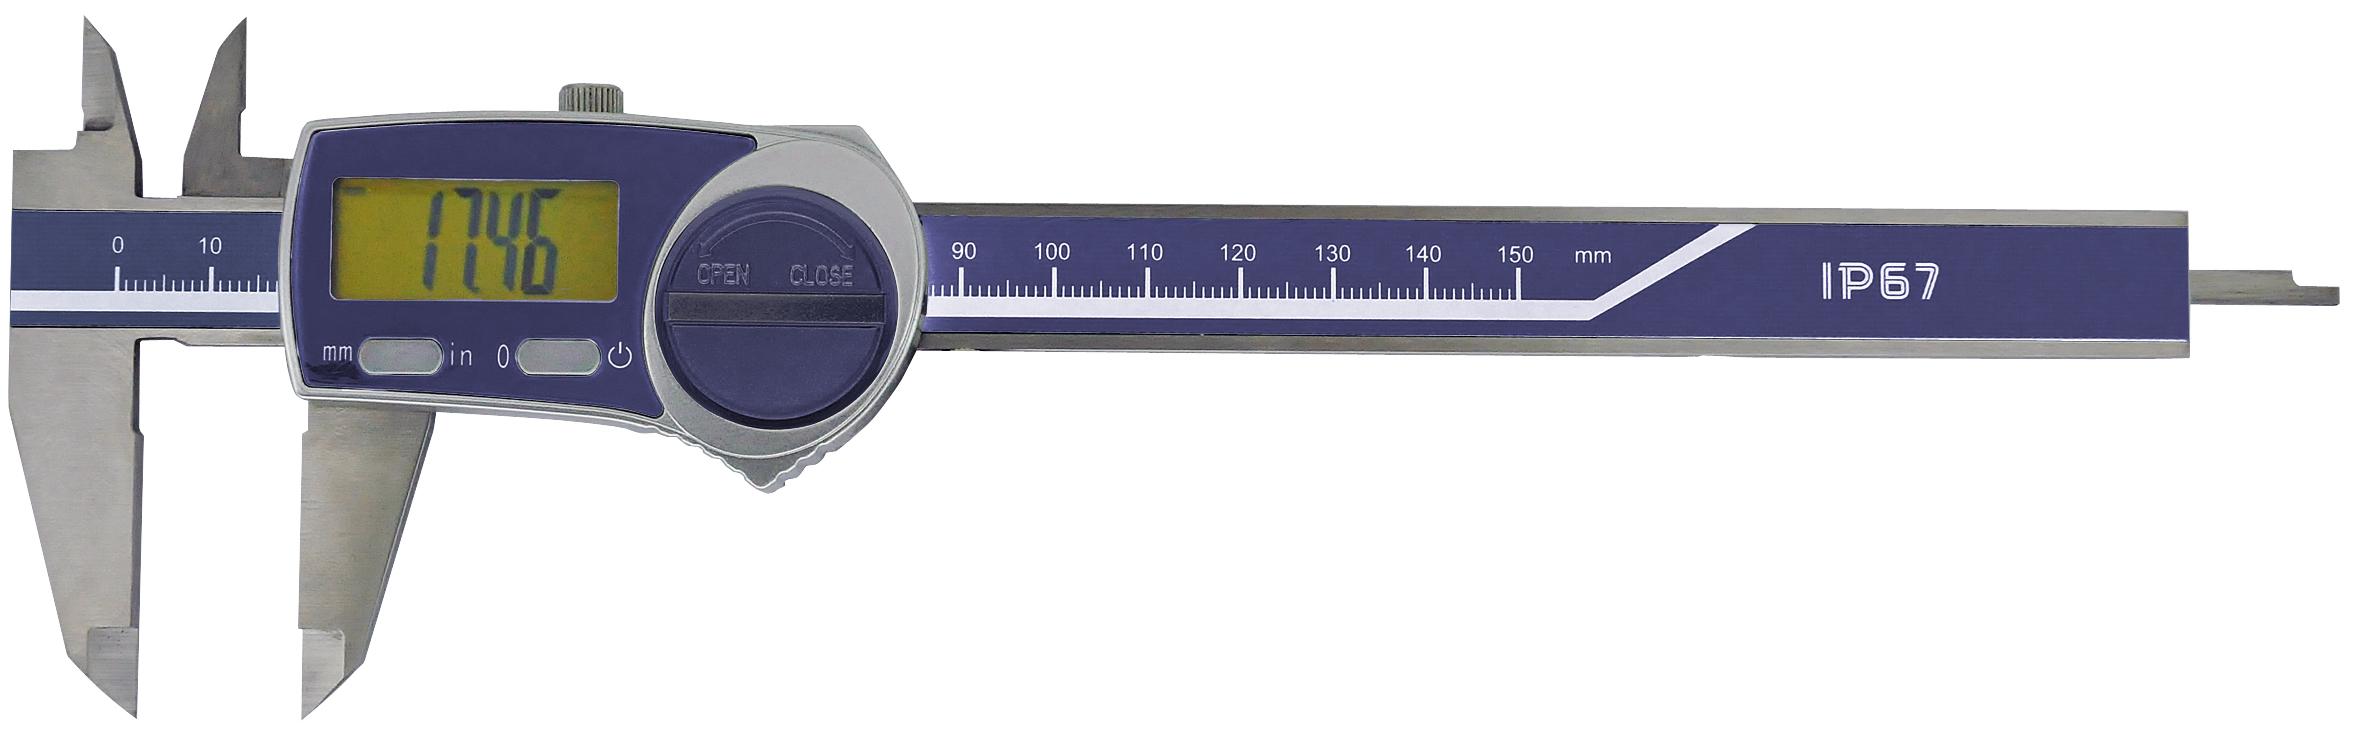 Digital-Taschen-Messschieber - IP67 Schutz